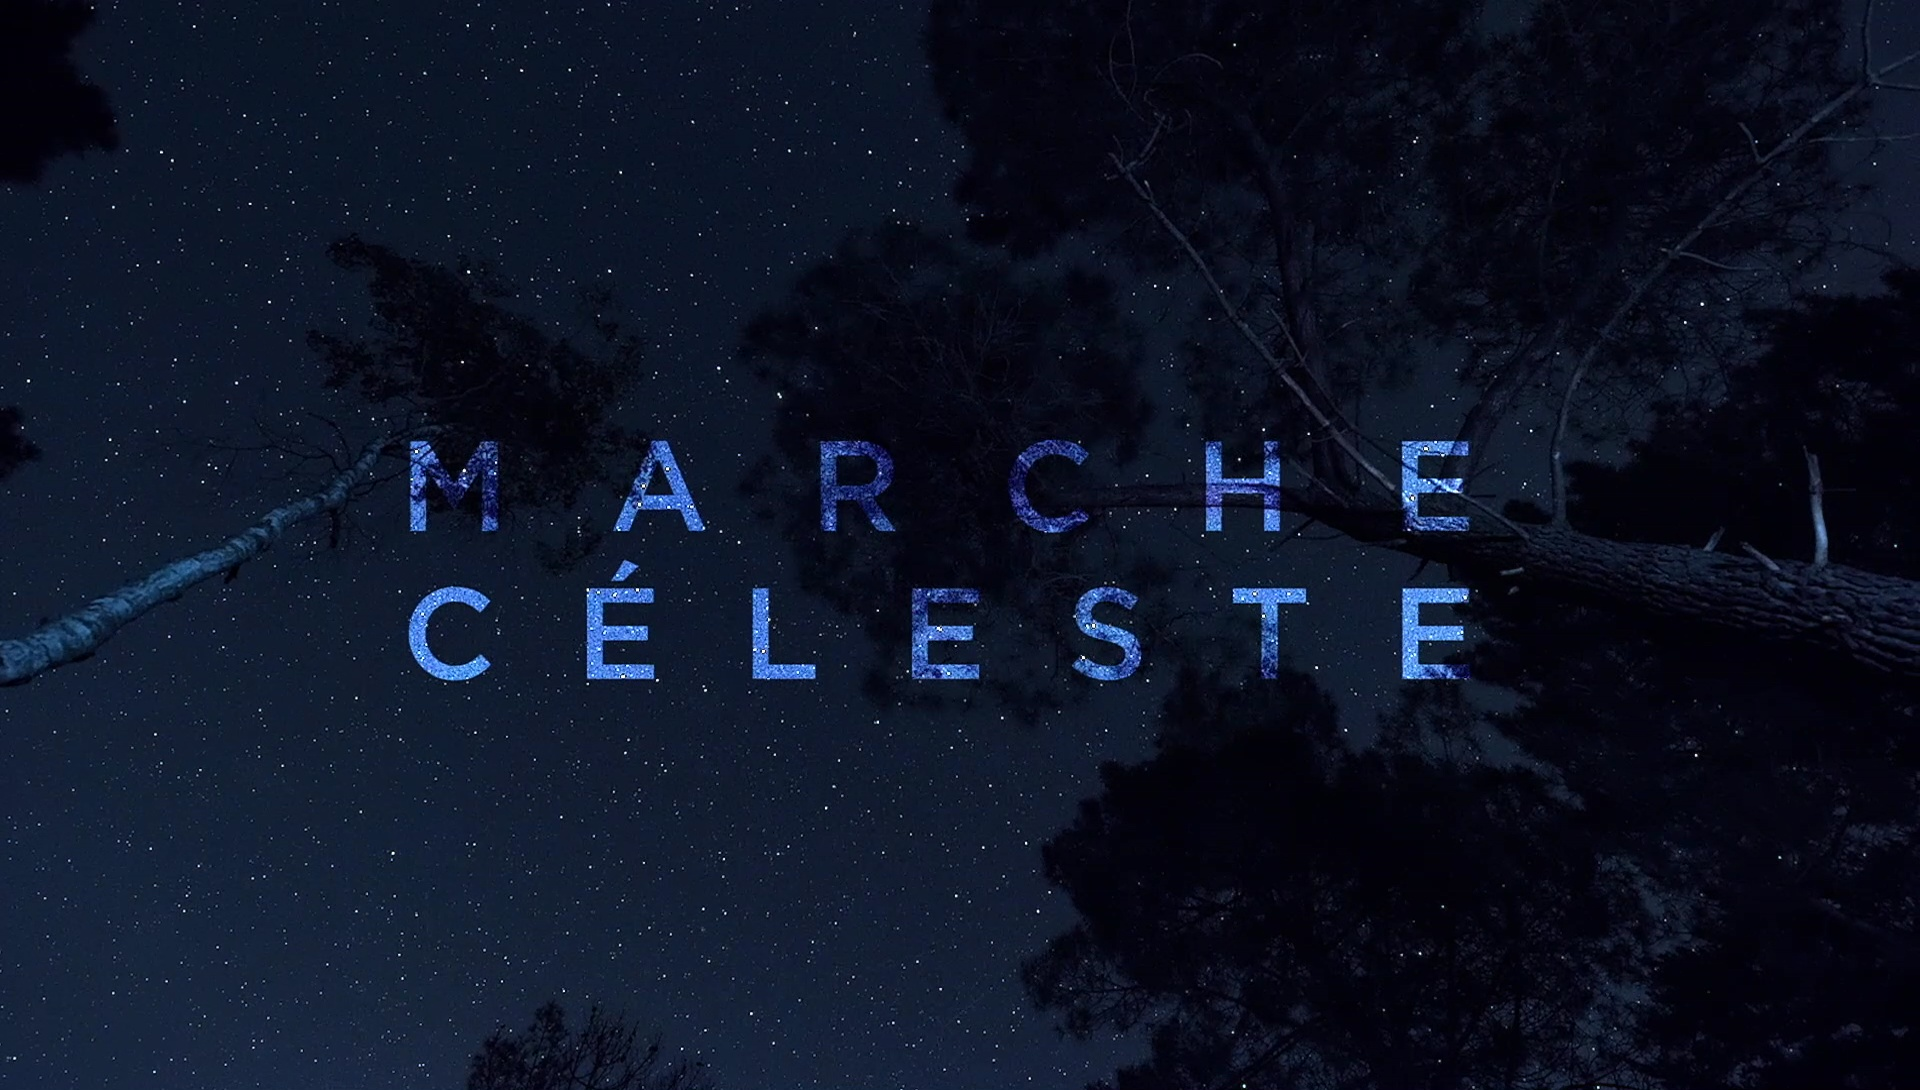 MARCHE CELESTE  Film directed by  Maximilien Franco and produced by  La Maison Noire